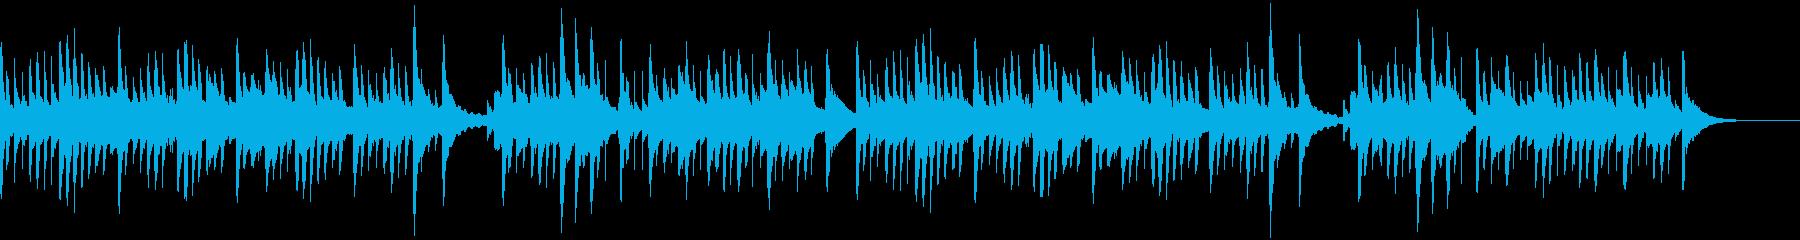 伝承歌「小山の子うさぎ」オルゴール風の再生済みの波形